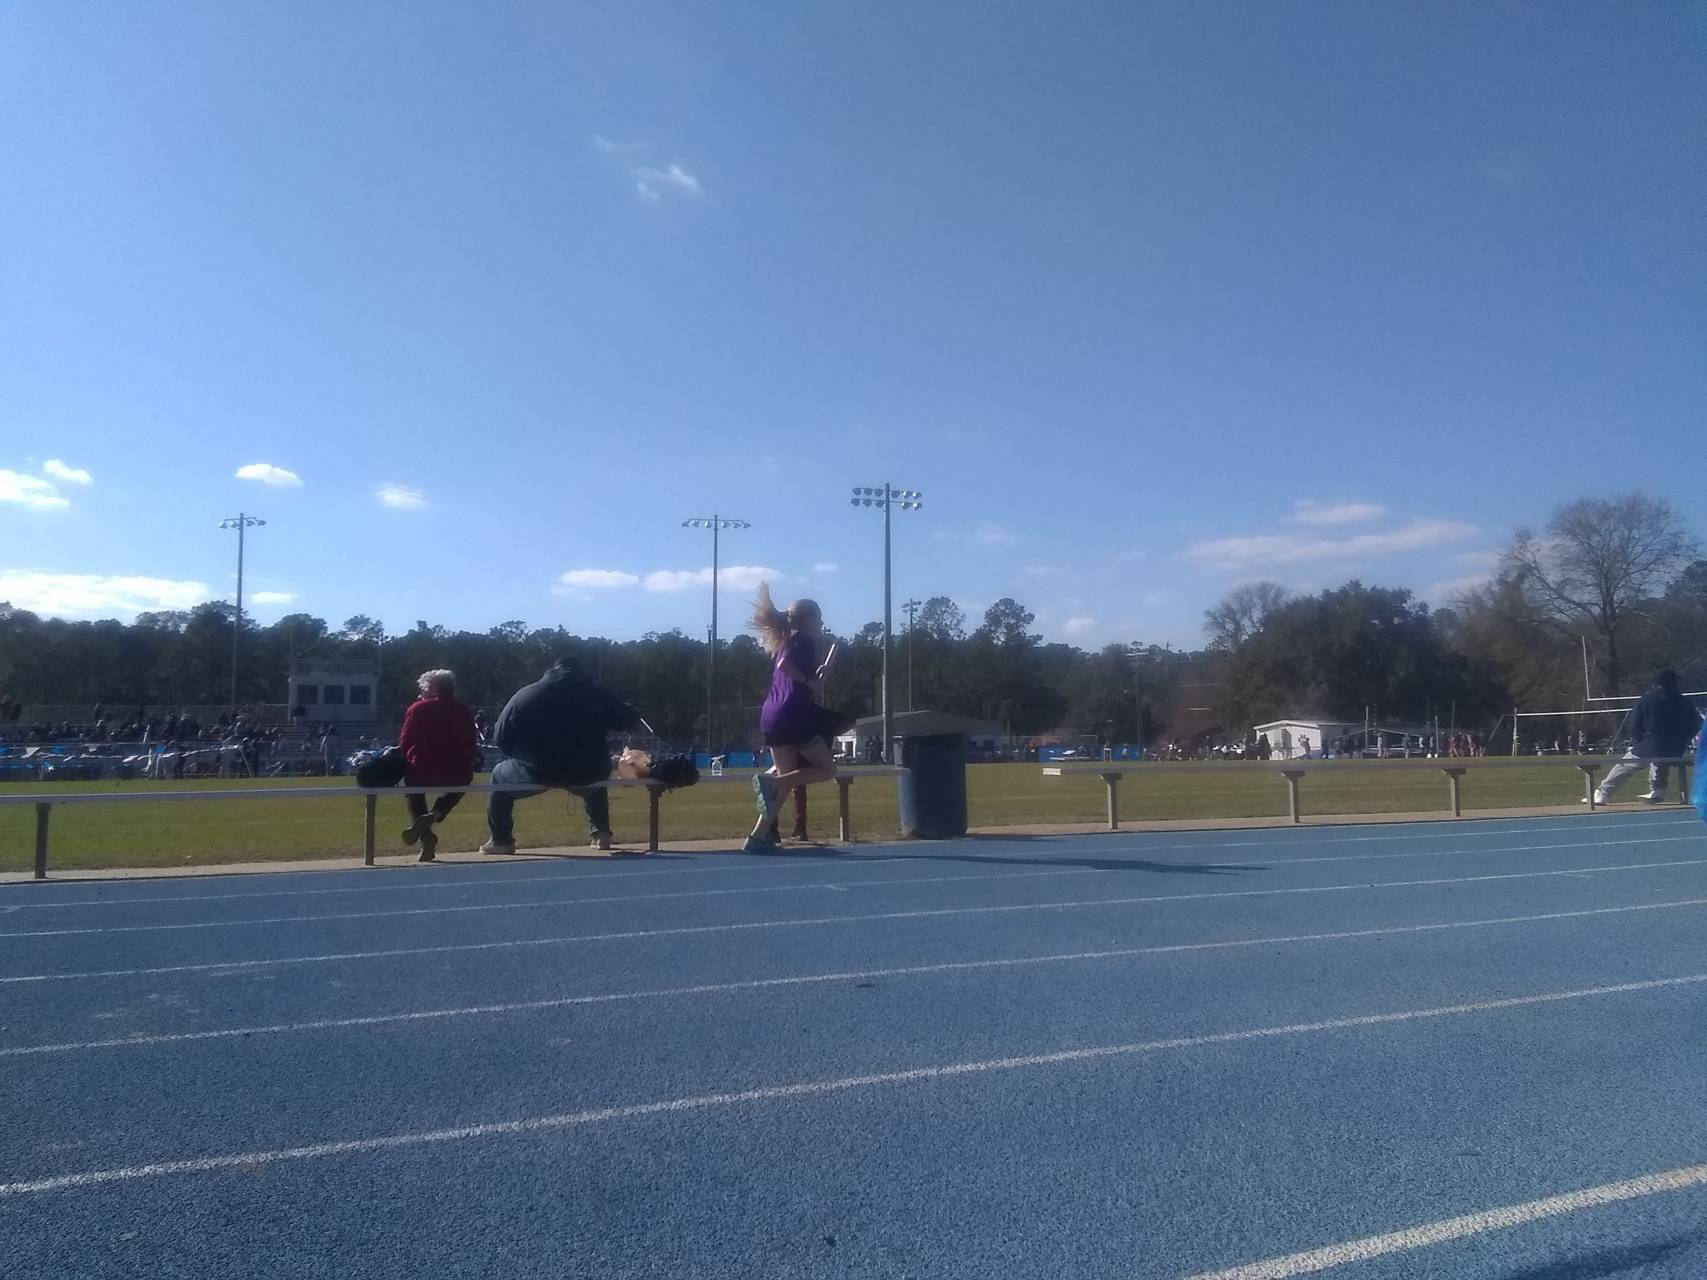 Track running